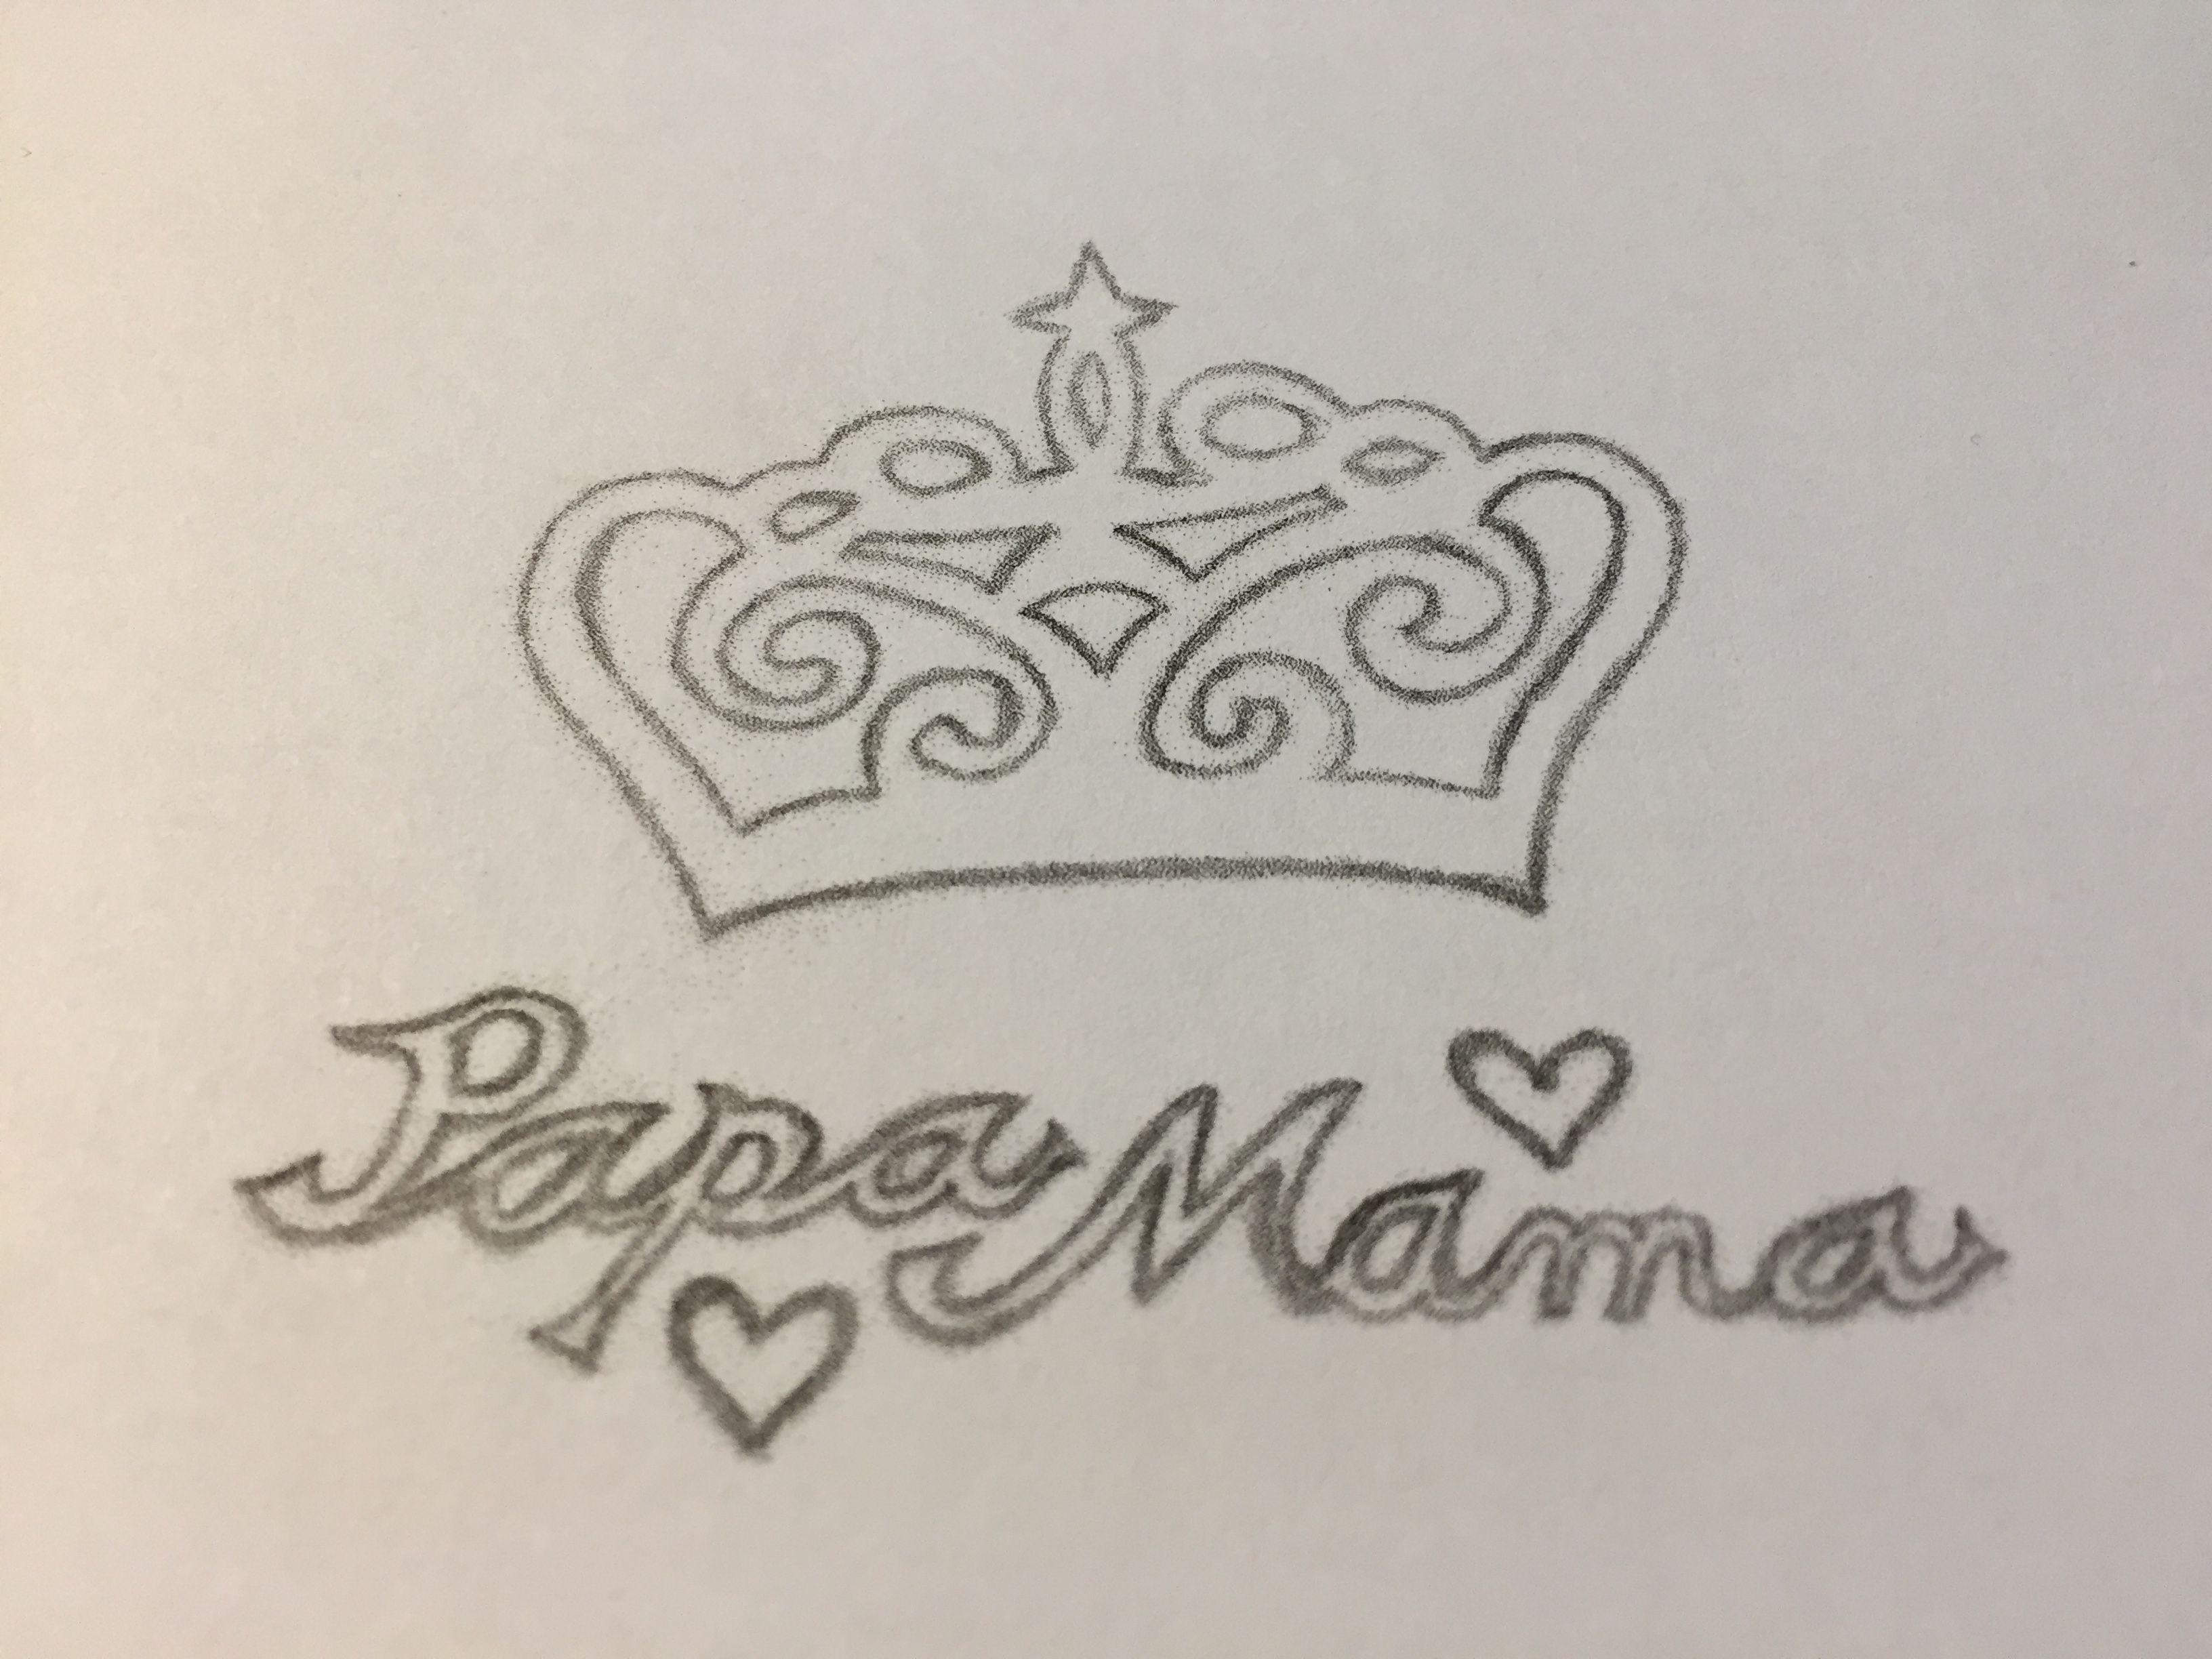 zeichnung krone vorlage tattoo skizze andreas samulewitz papa und mama zz paare. Black Bedroom Furniture Sets. Home Design Ideas